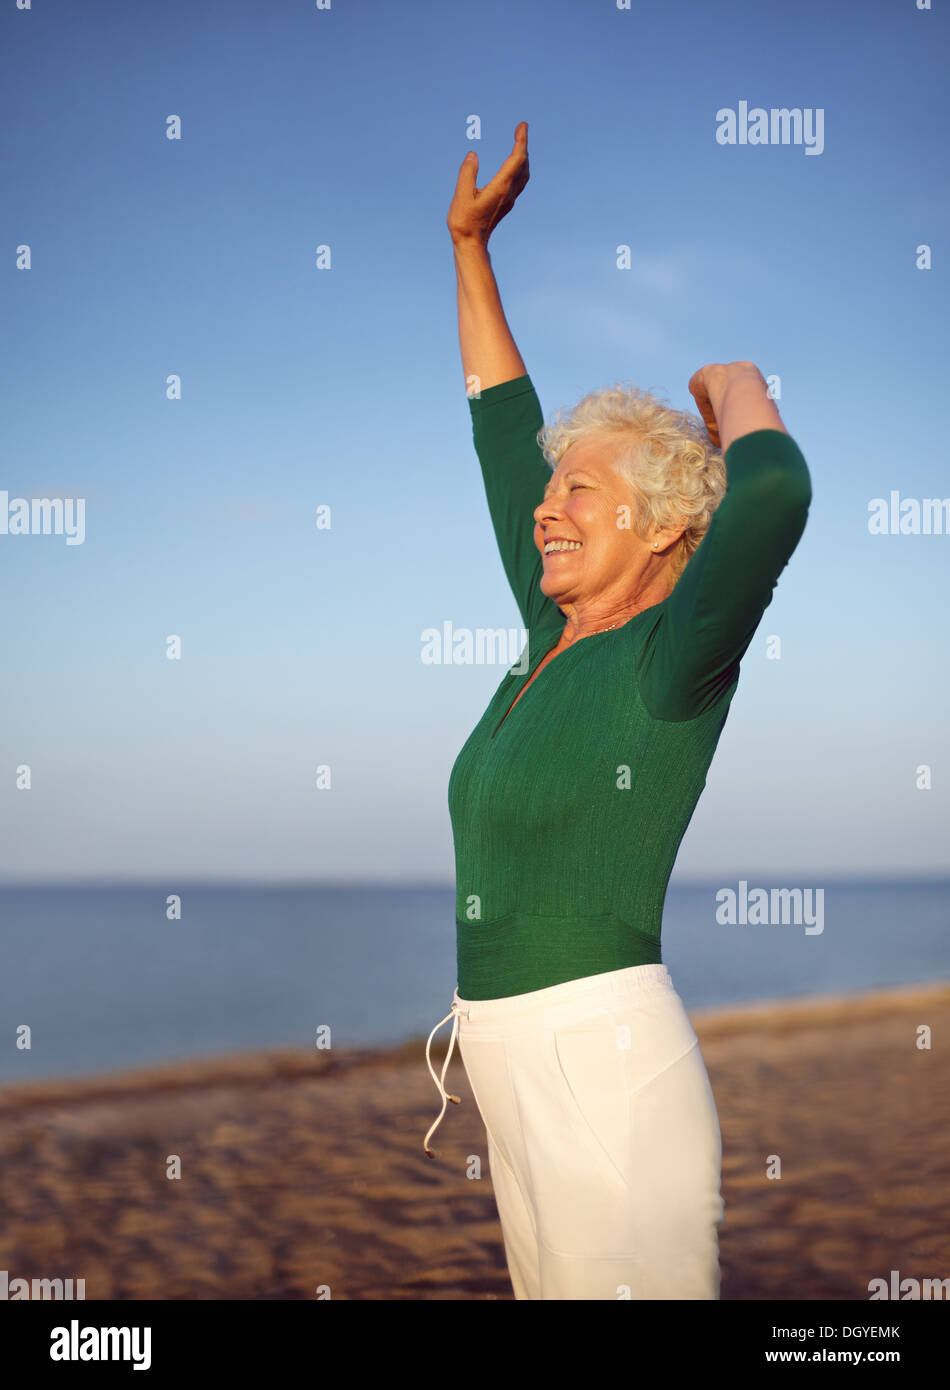 Mujer mayor estiramiento en la arena de la playa. Madura mujer caucásica ejercer por el mar. Imagen De Stock